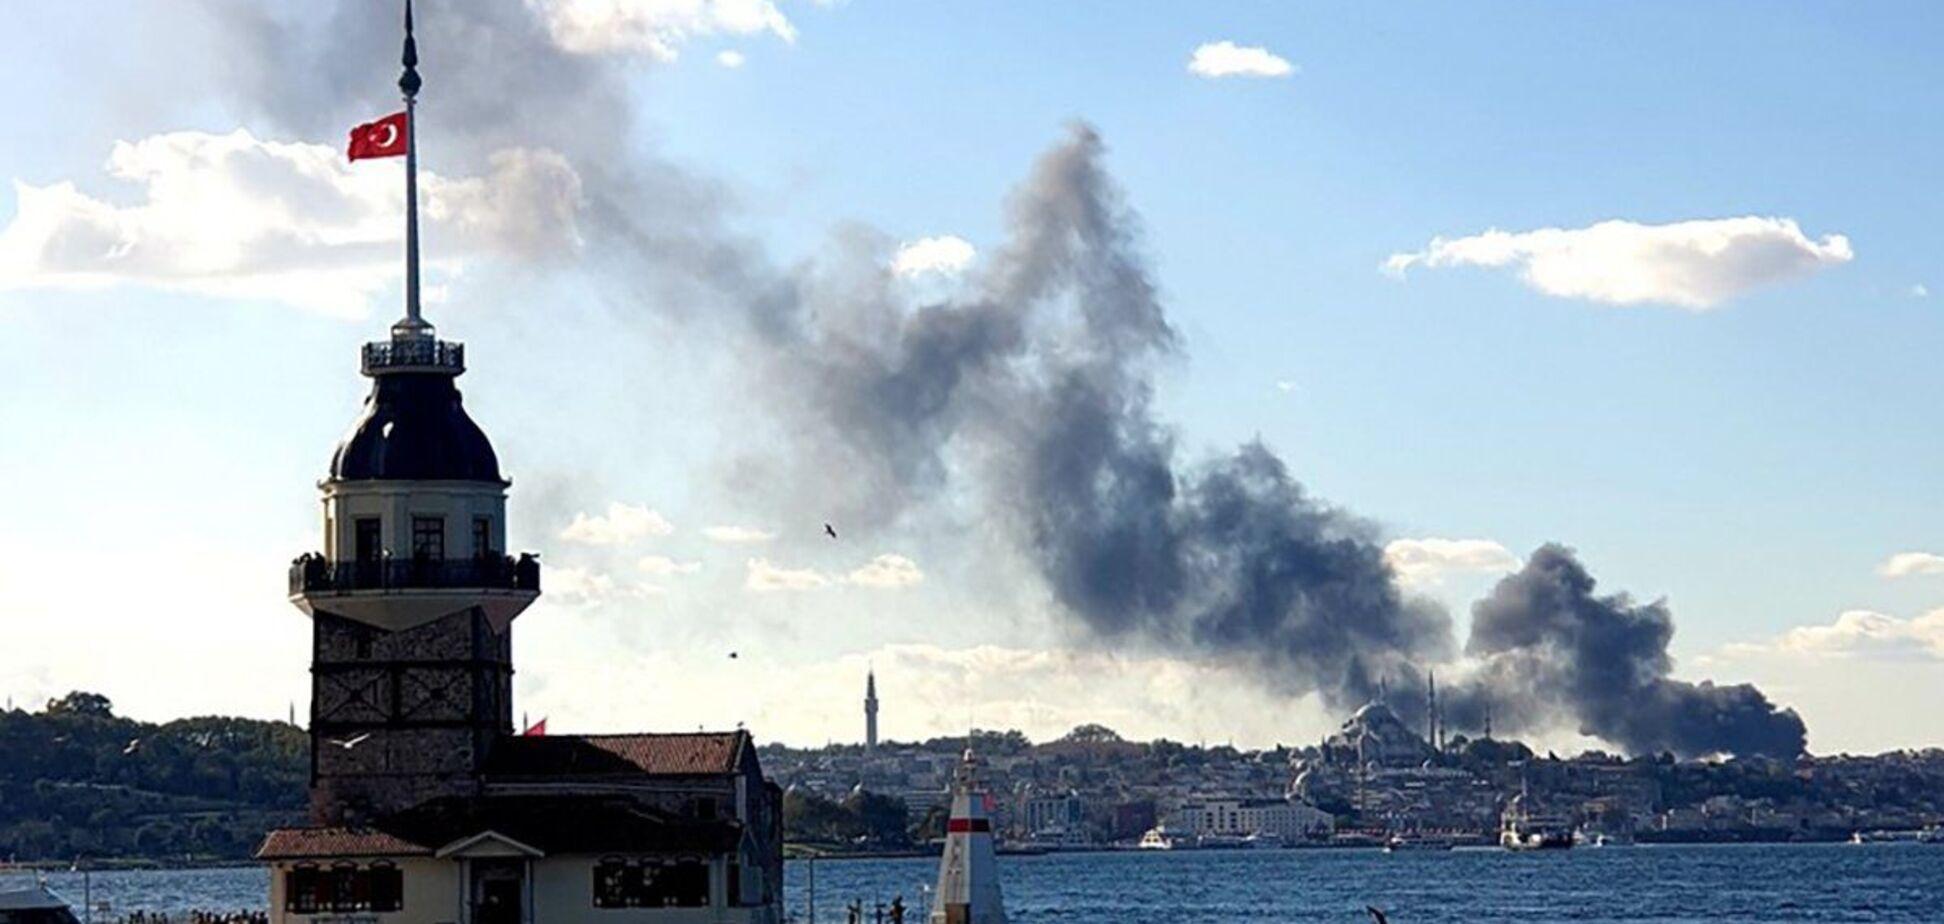 З будівлі лікарні валить густий чорний дим